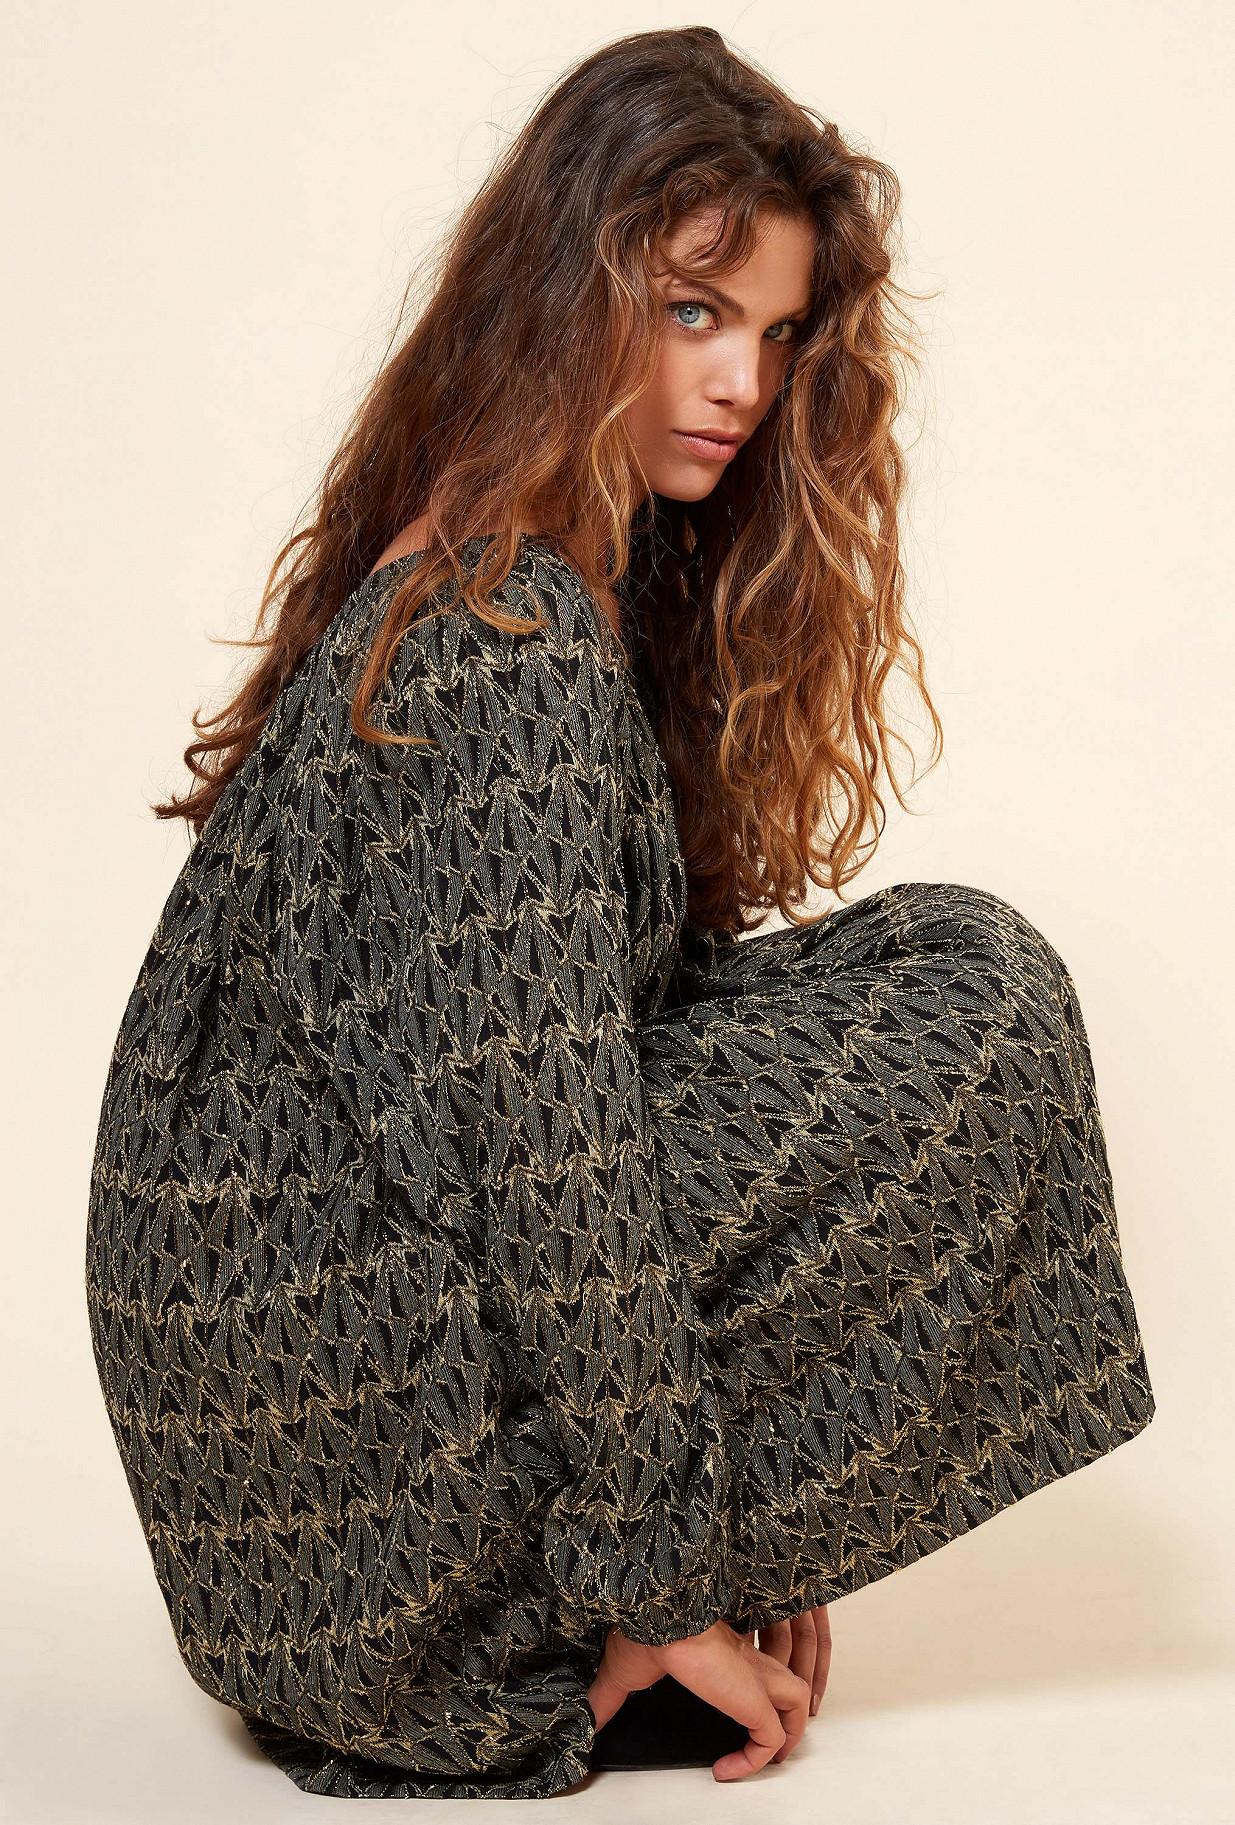 Paris clothes store Blouse  Baltimore french designer fashion Paris